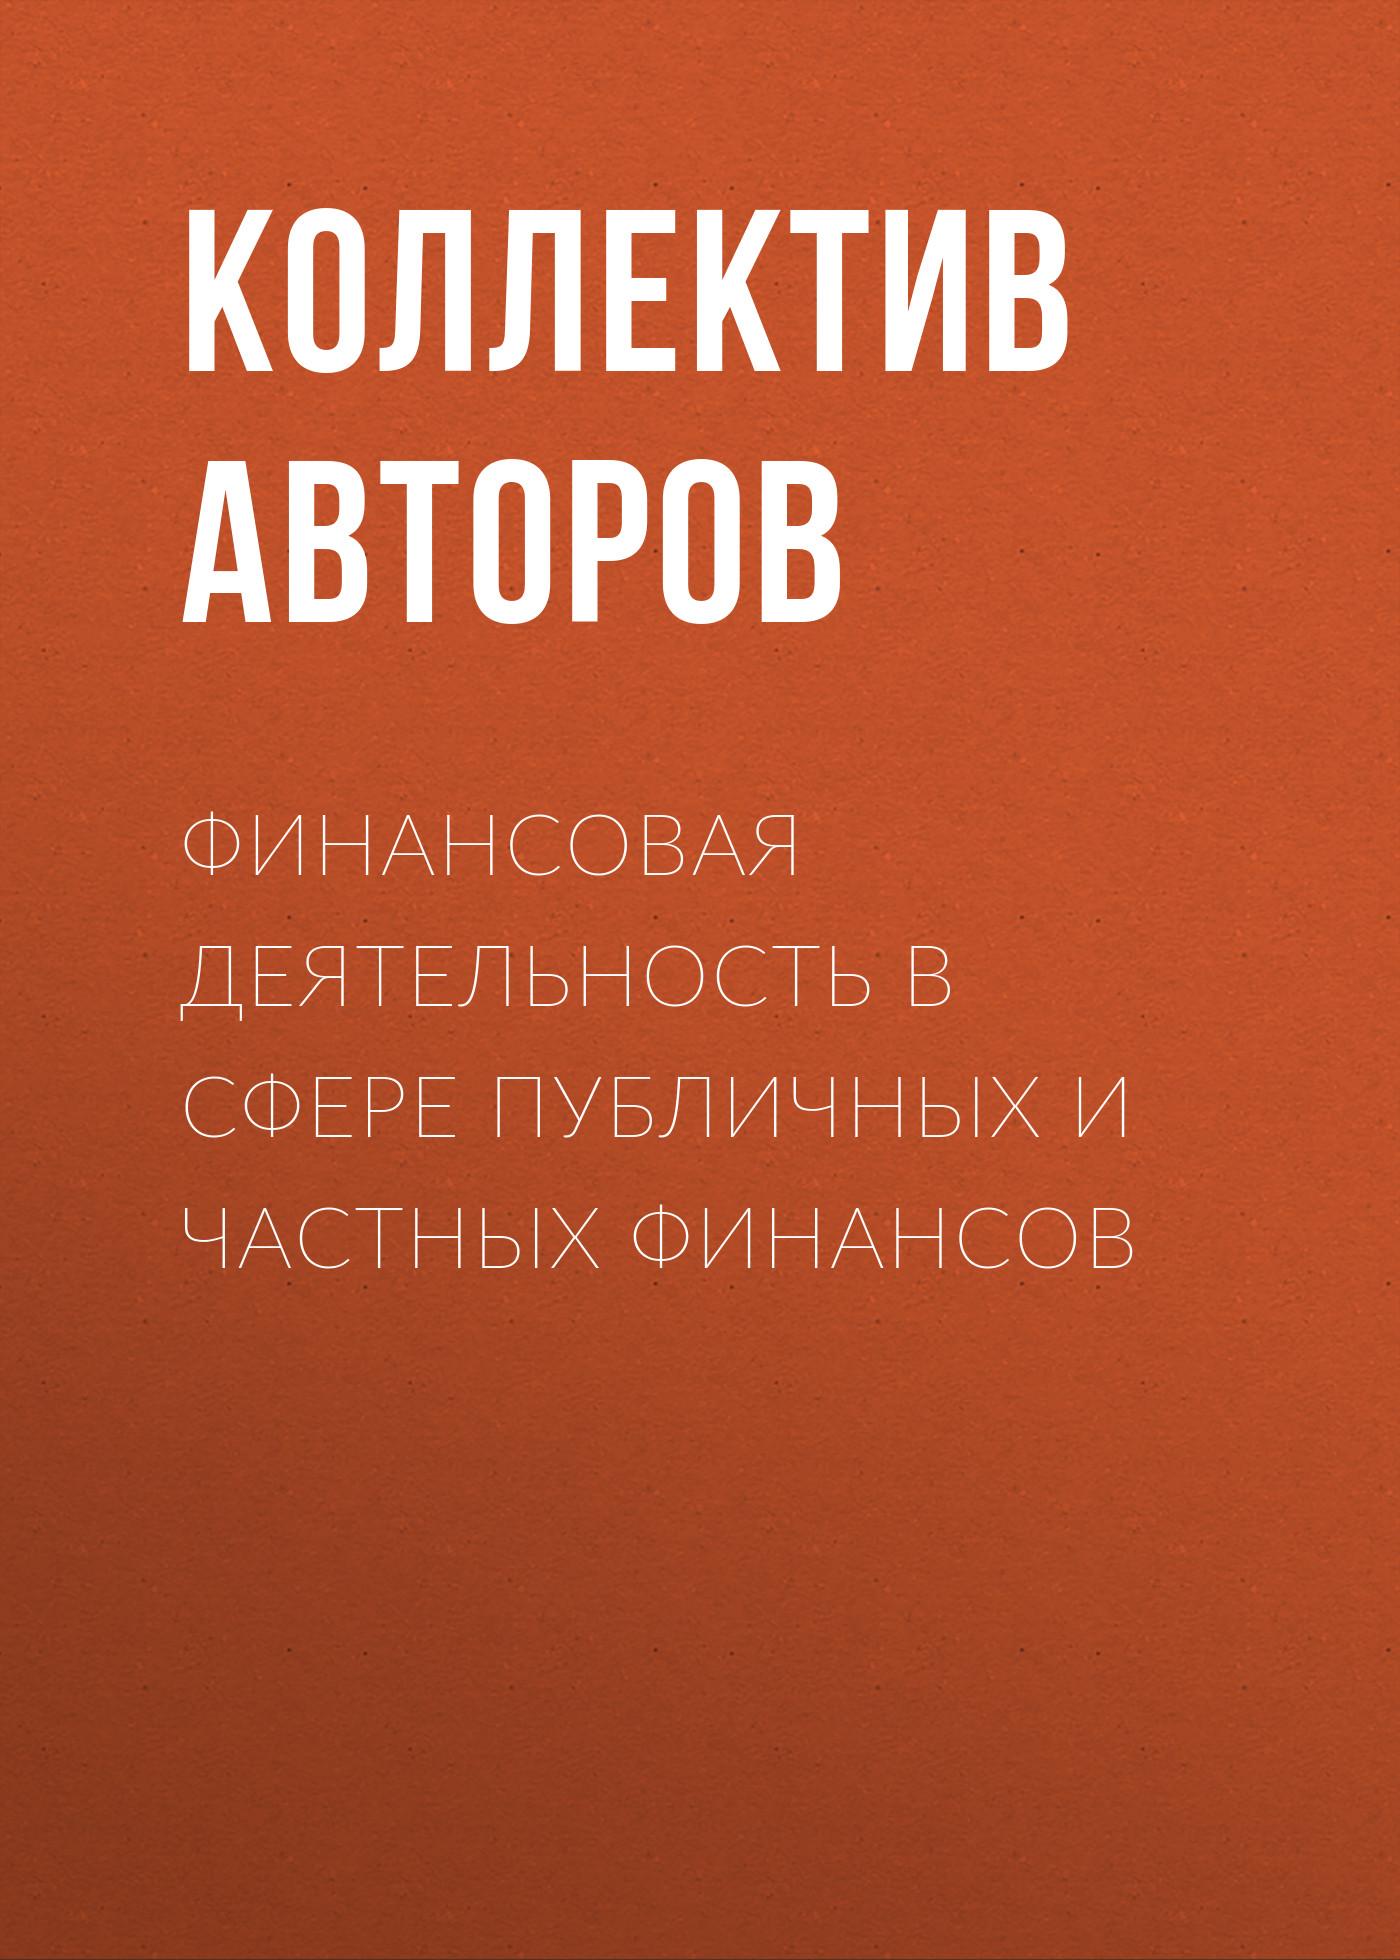 Коллектив авторов Финансовая деятельность в сфере публичных и частных финансов